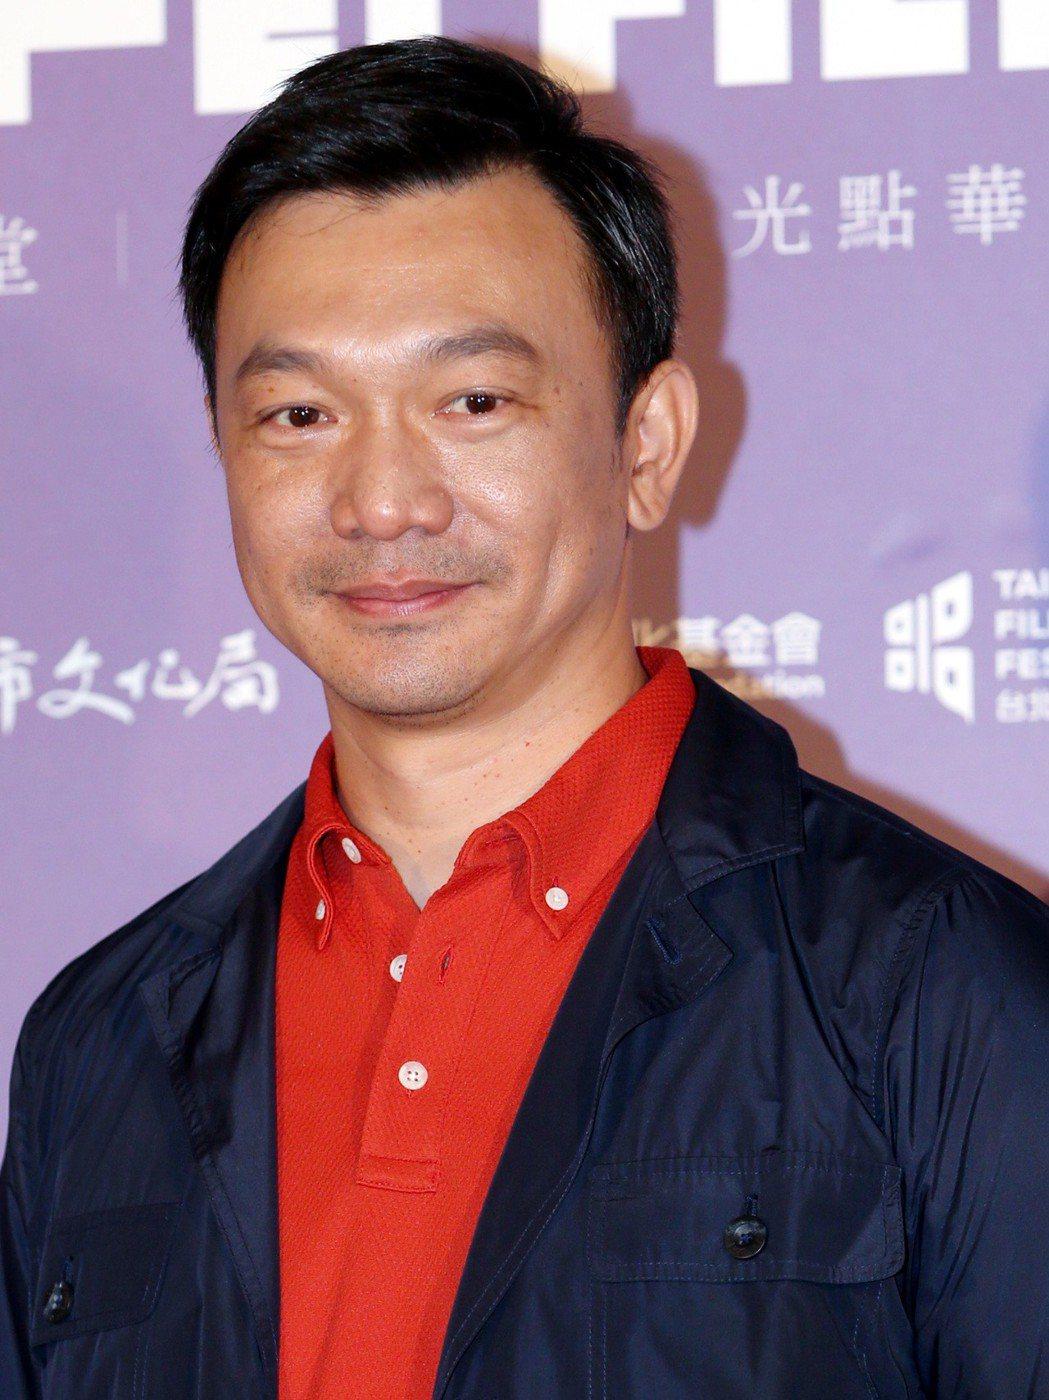 2018台北電影節形象廣告導演黃信堯出席發布會。記者侯永全/攝影